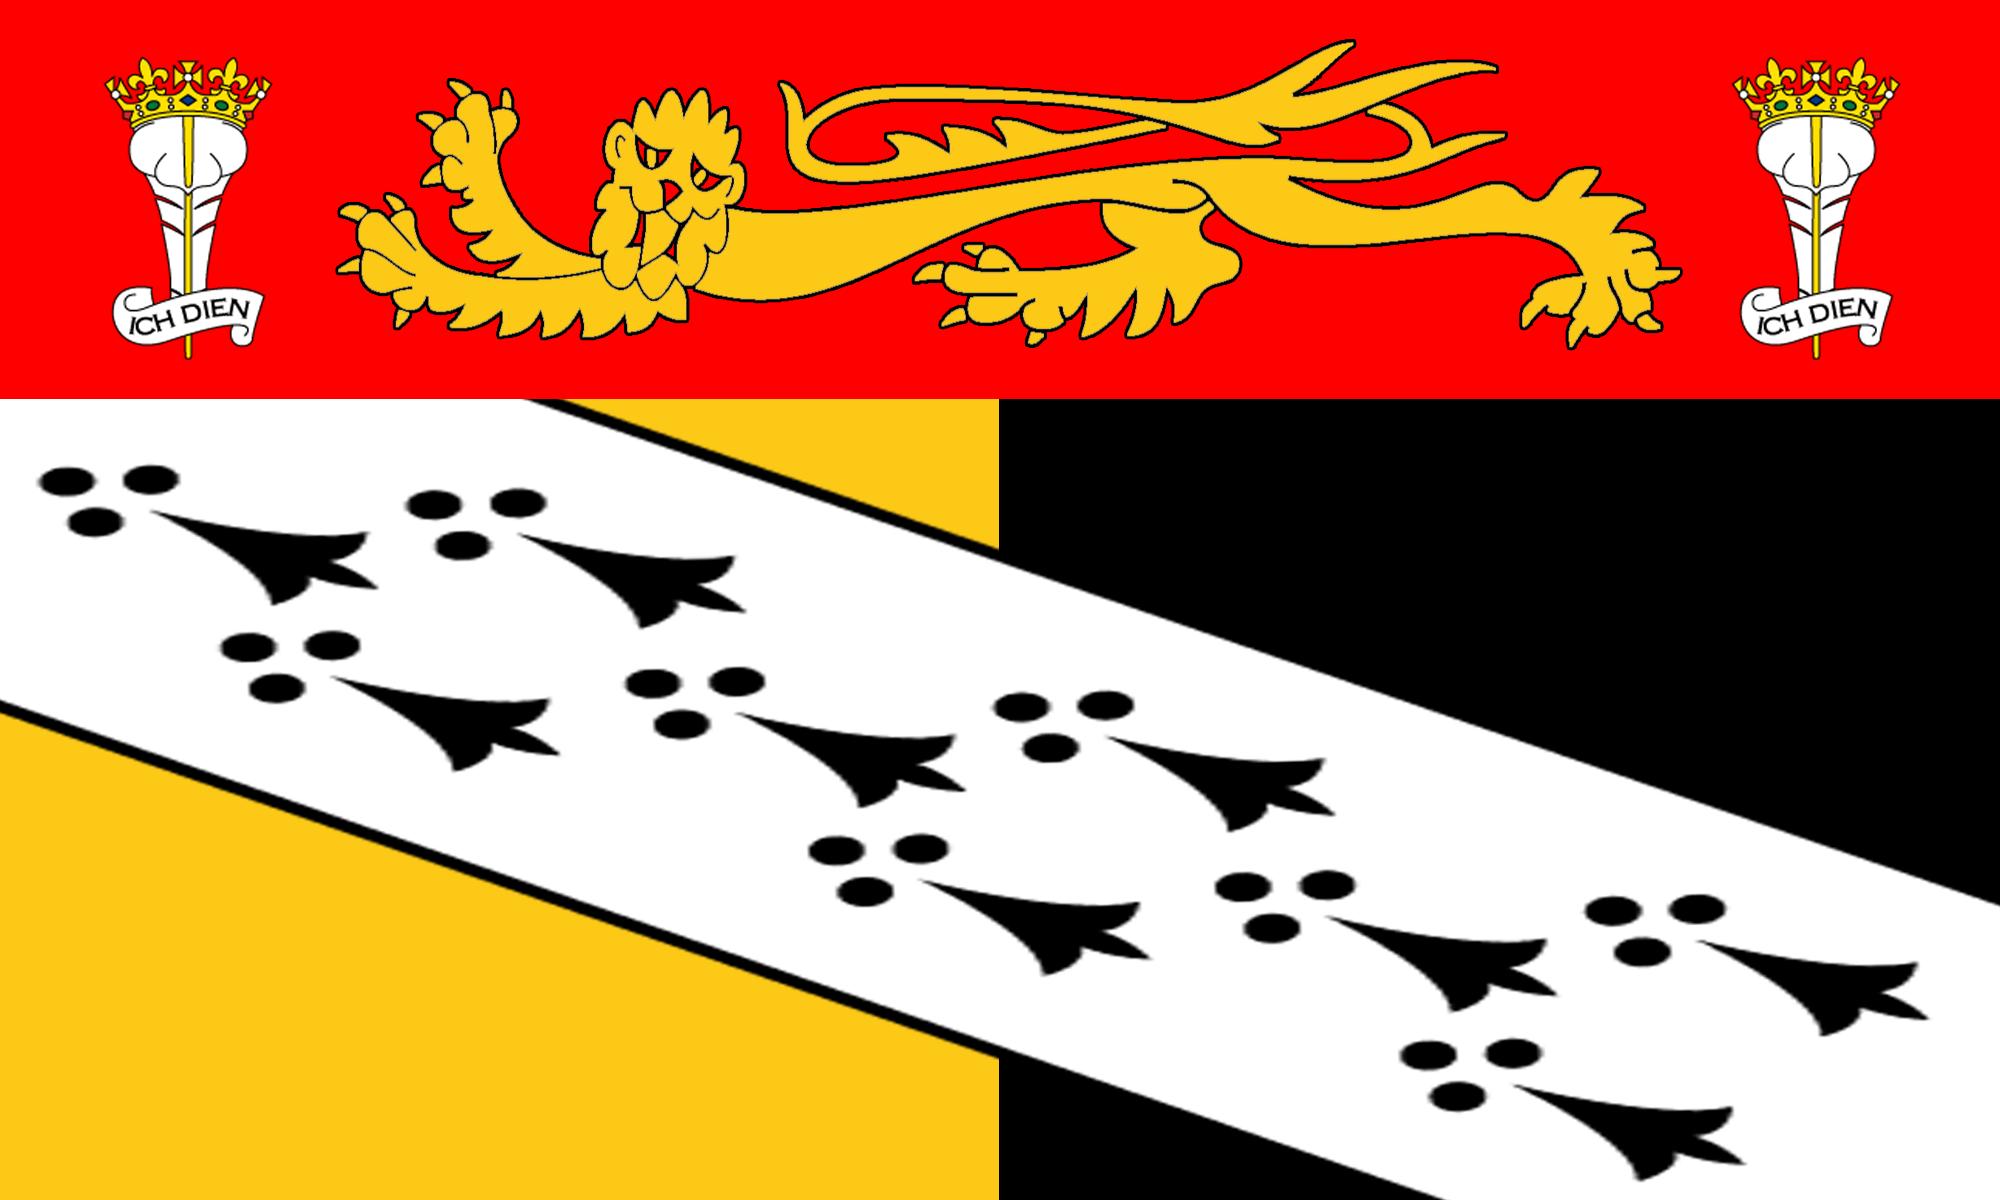 norfolk, país, emblema, insignia, símbolo - Fondos de Pantalla HD - professor-falken.com